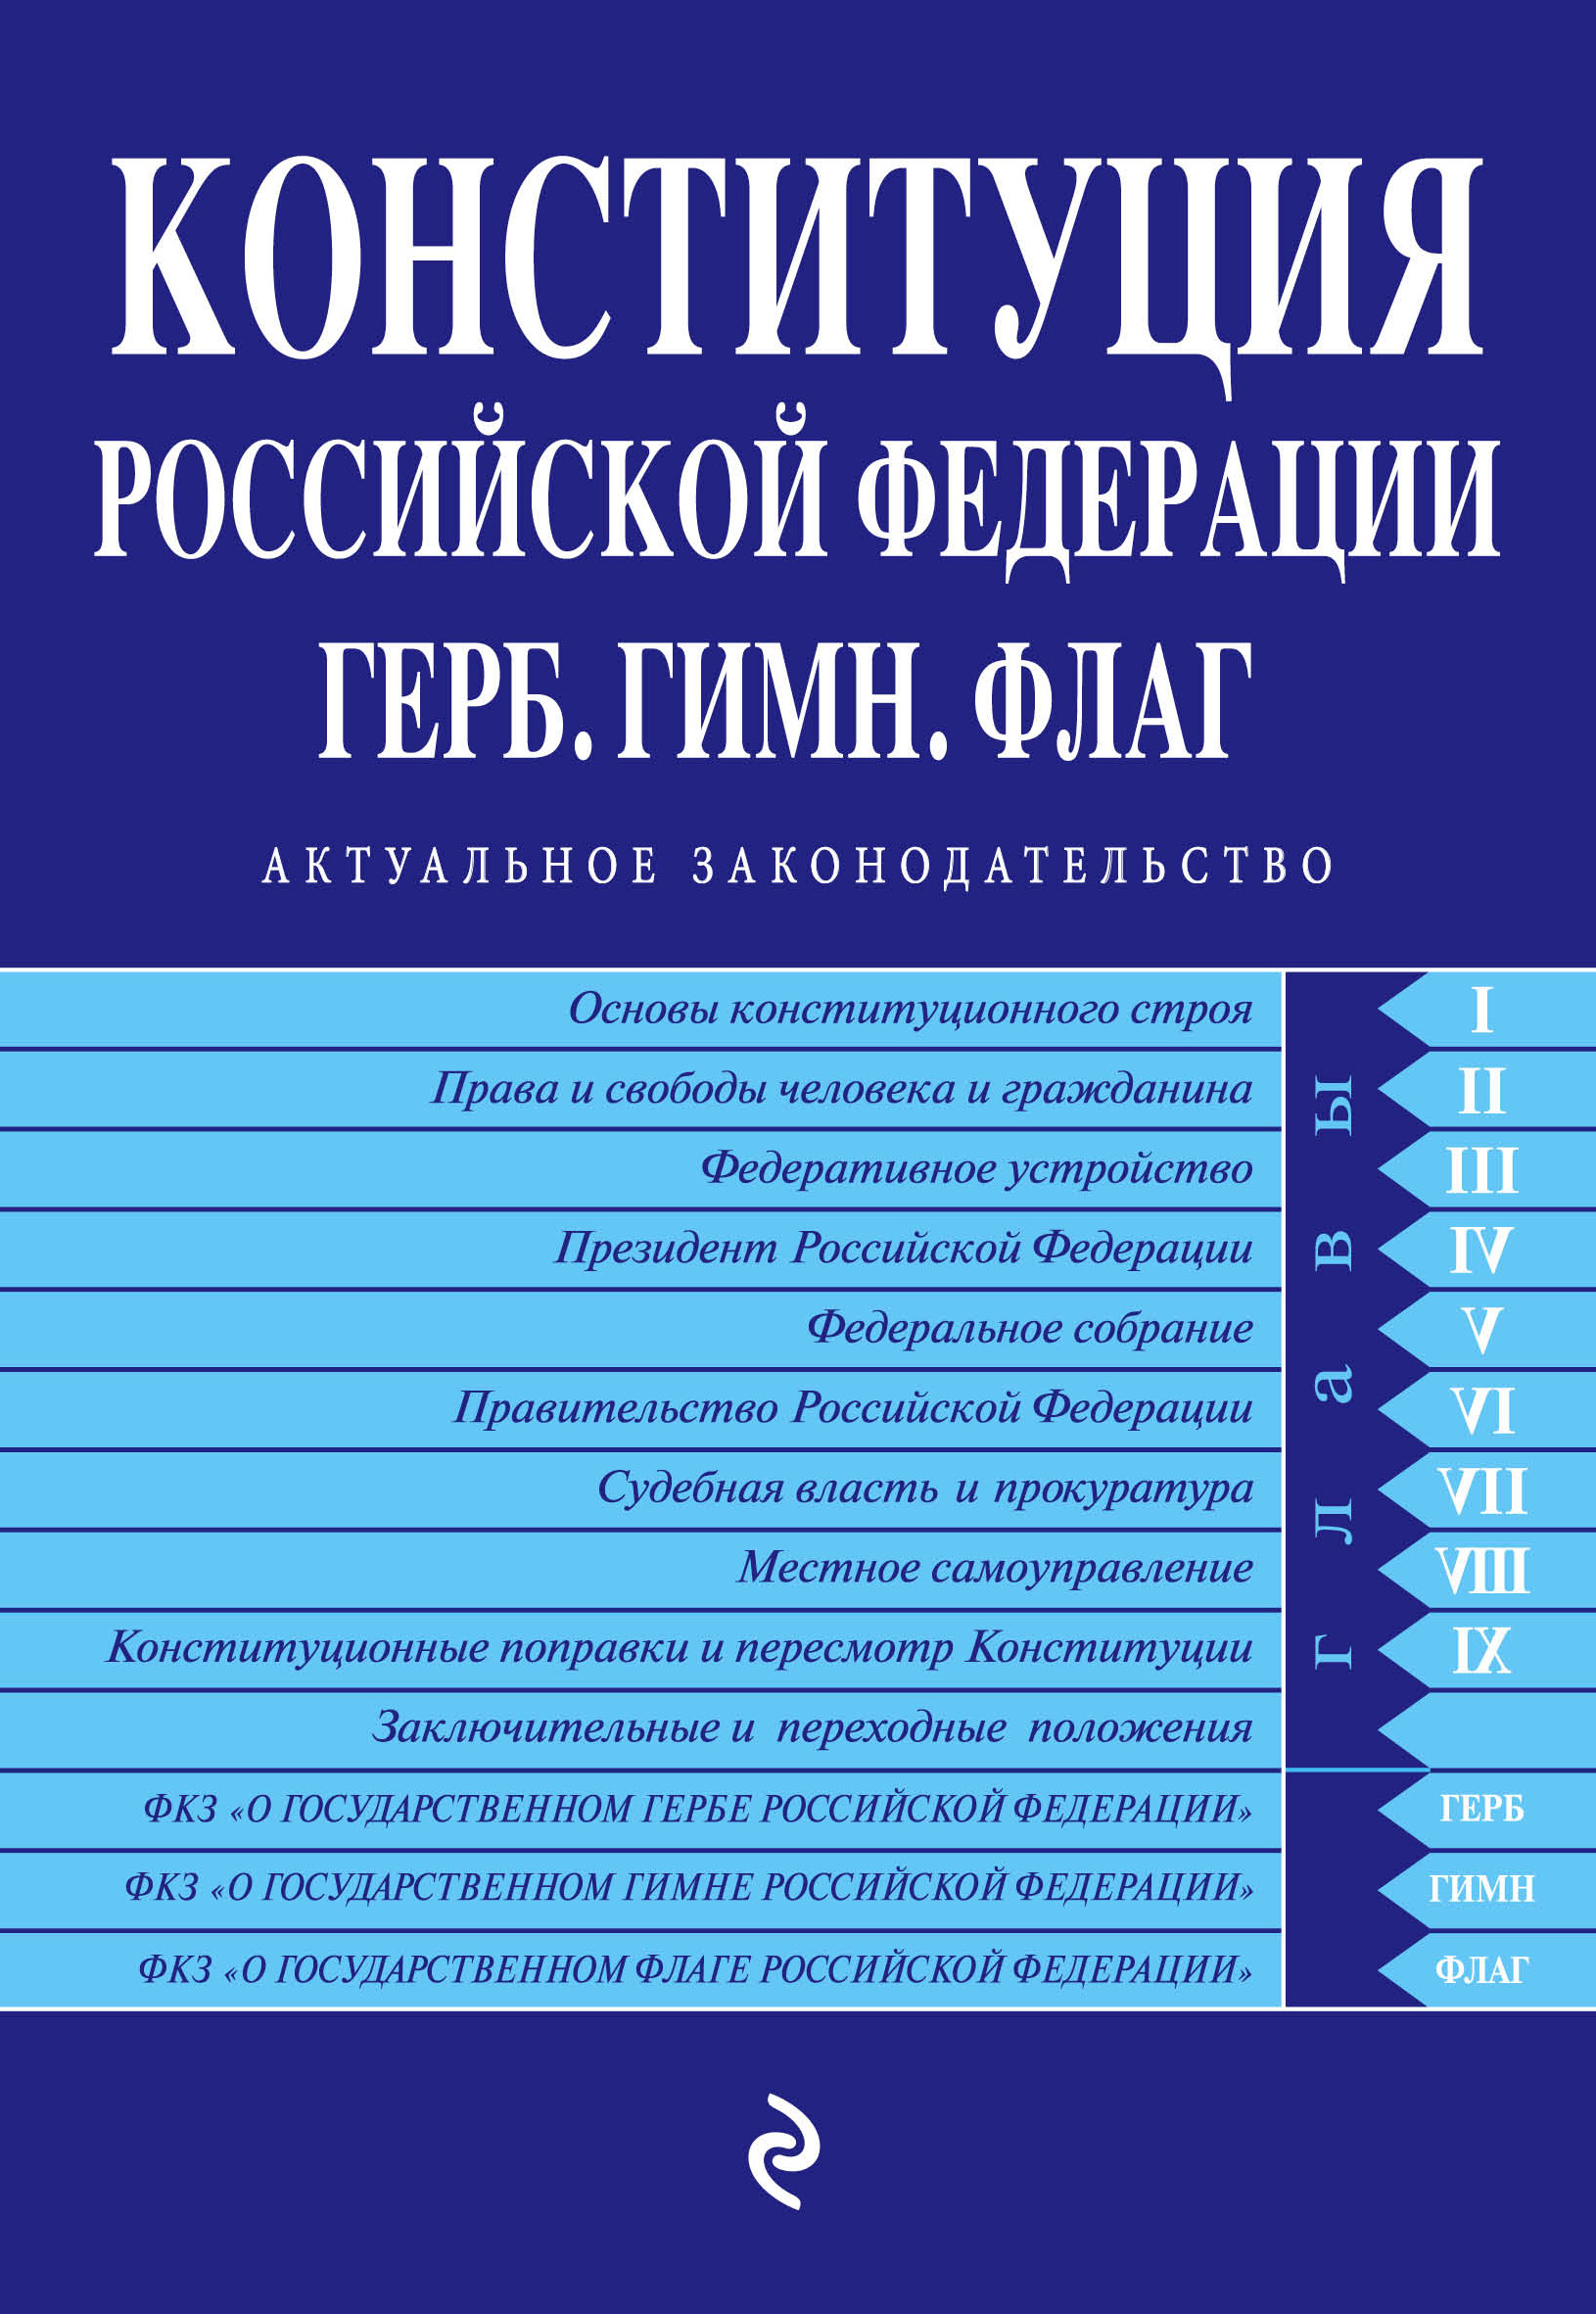 9785699952687 - Конституция Российской Федерации 2017. Герб. Гимн. Флаг - Книга